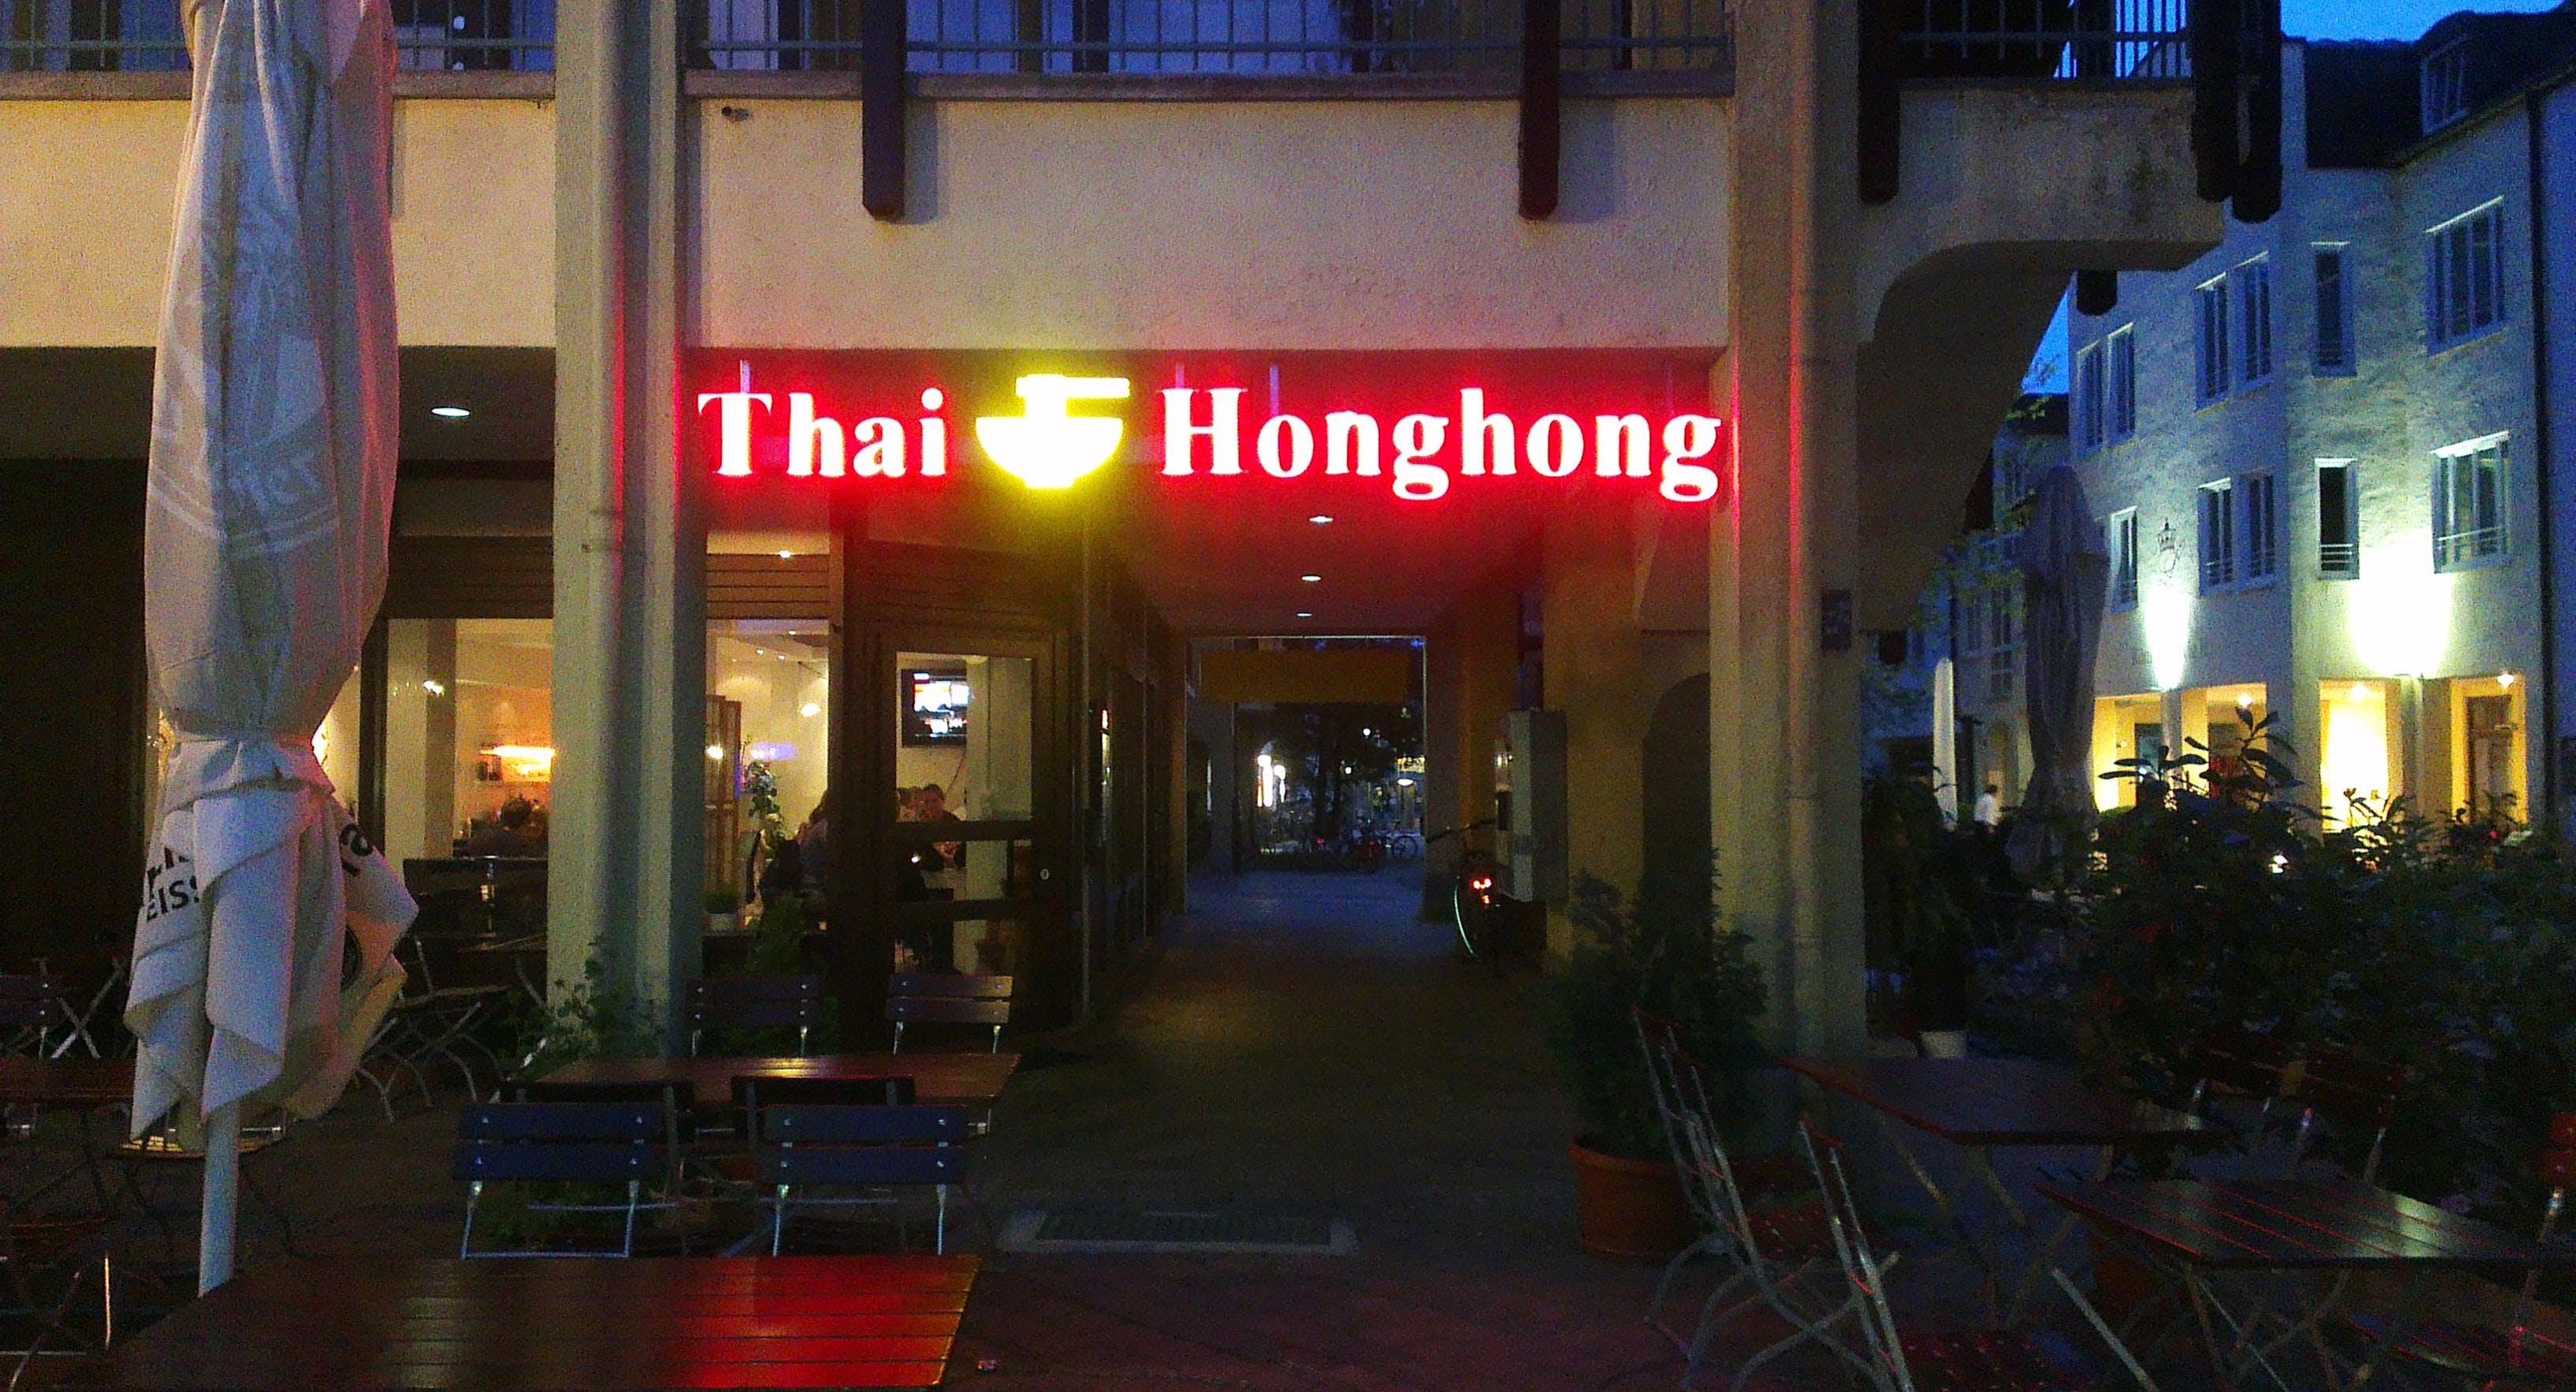 Honghong Restaurant Garching Münih image 1